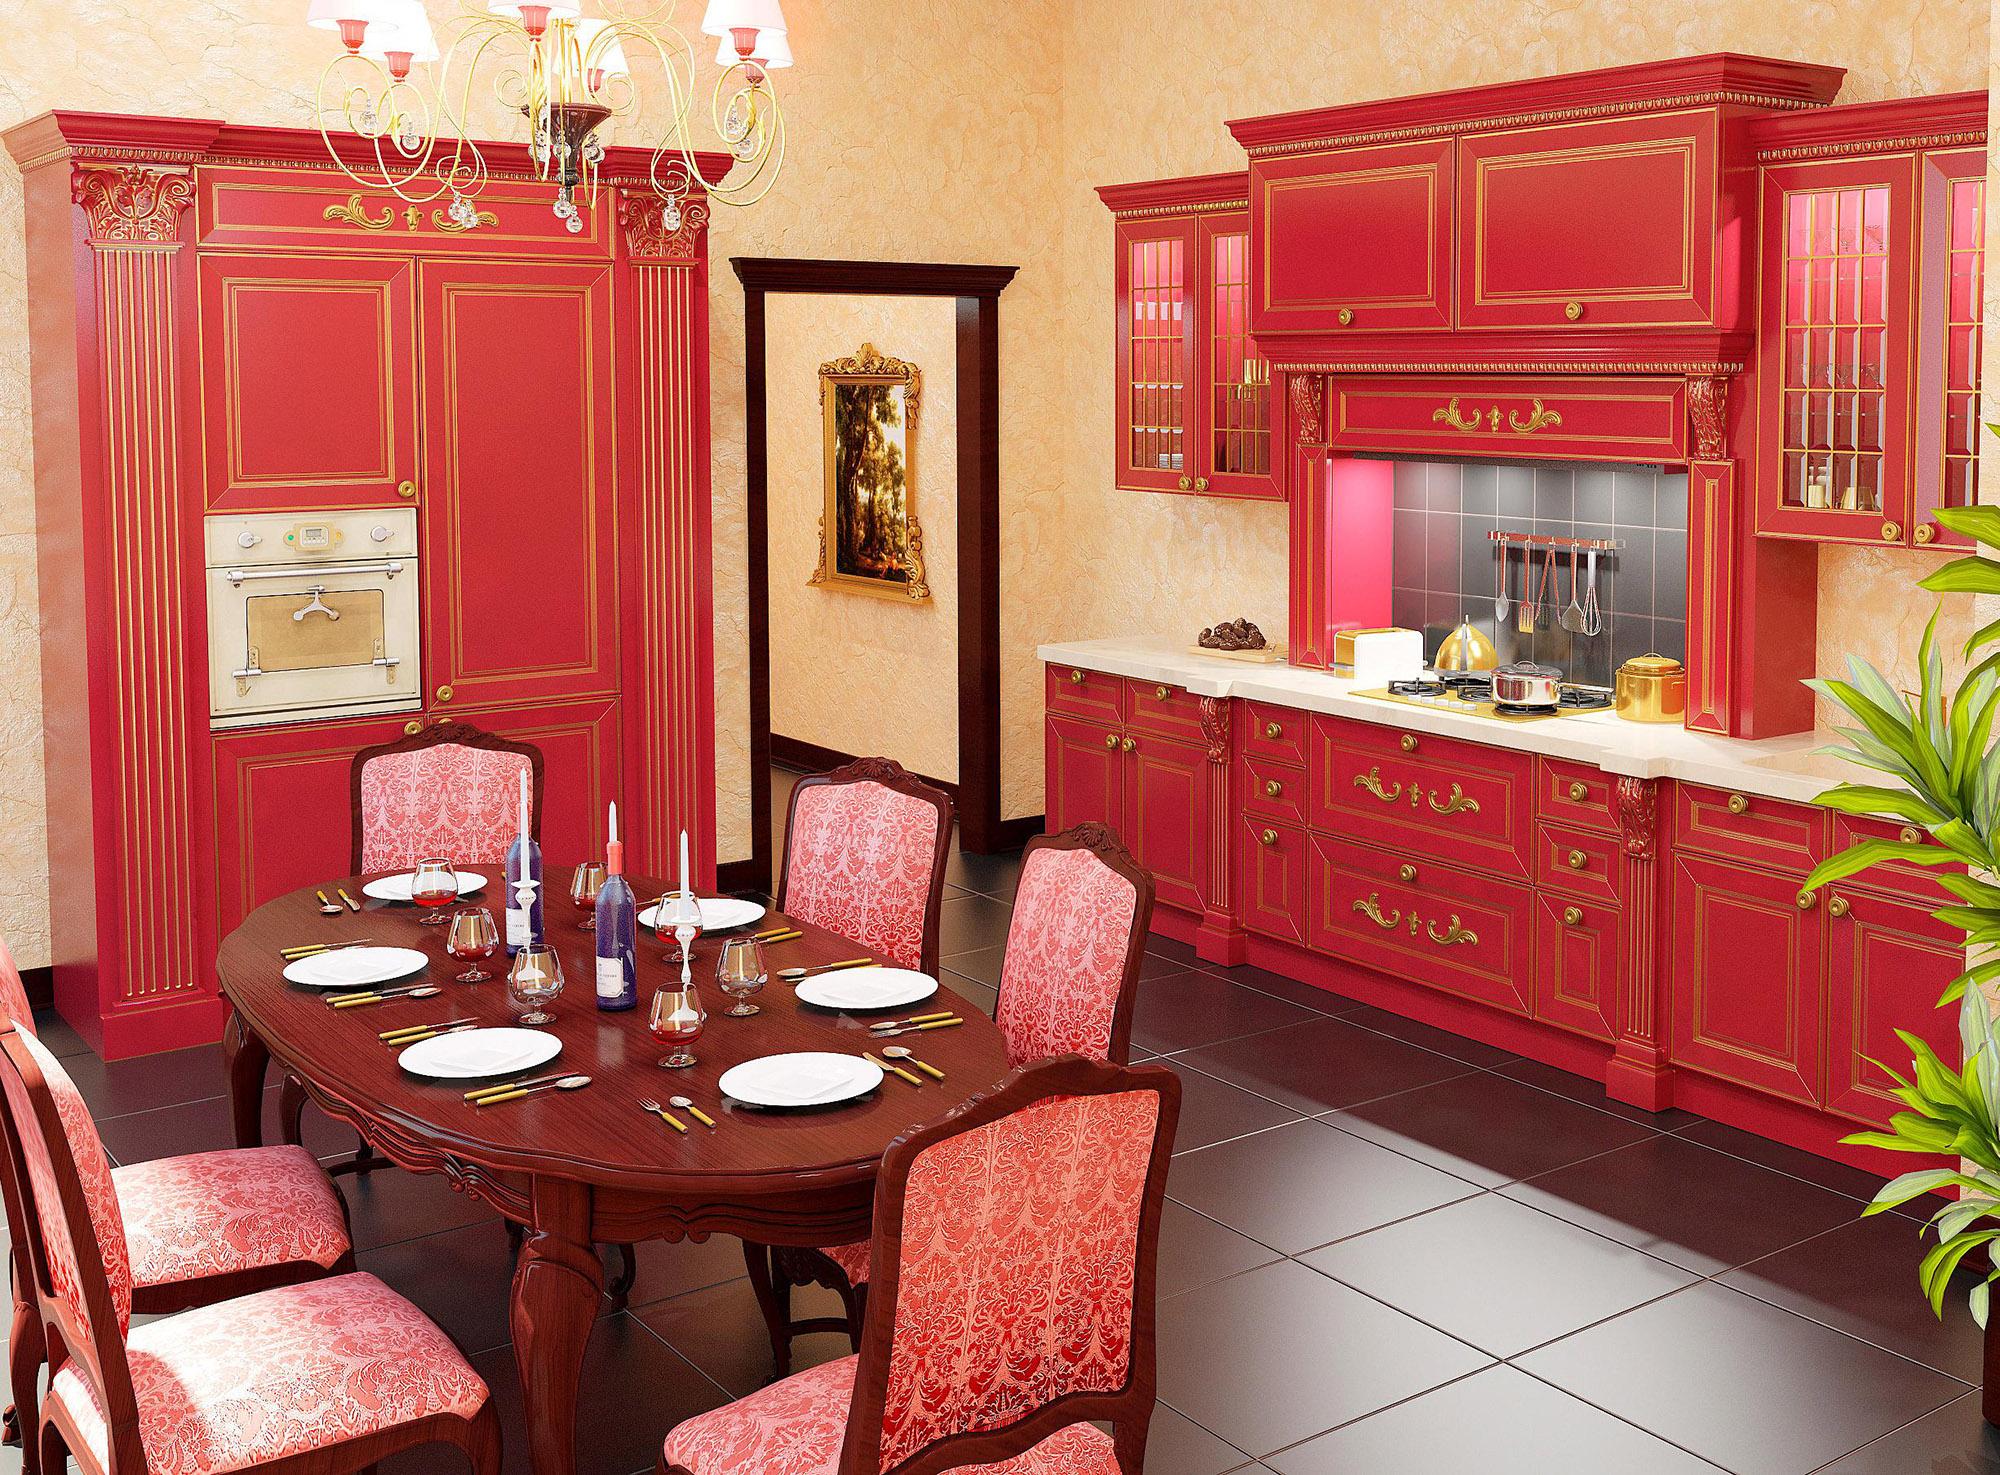 Бежевые обои в классической кухне с красным гарнитуром